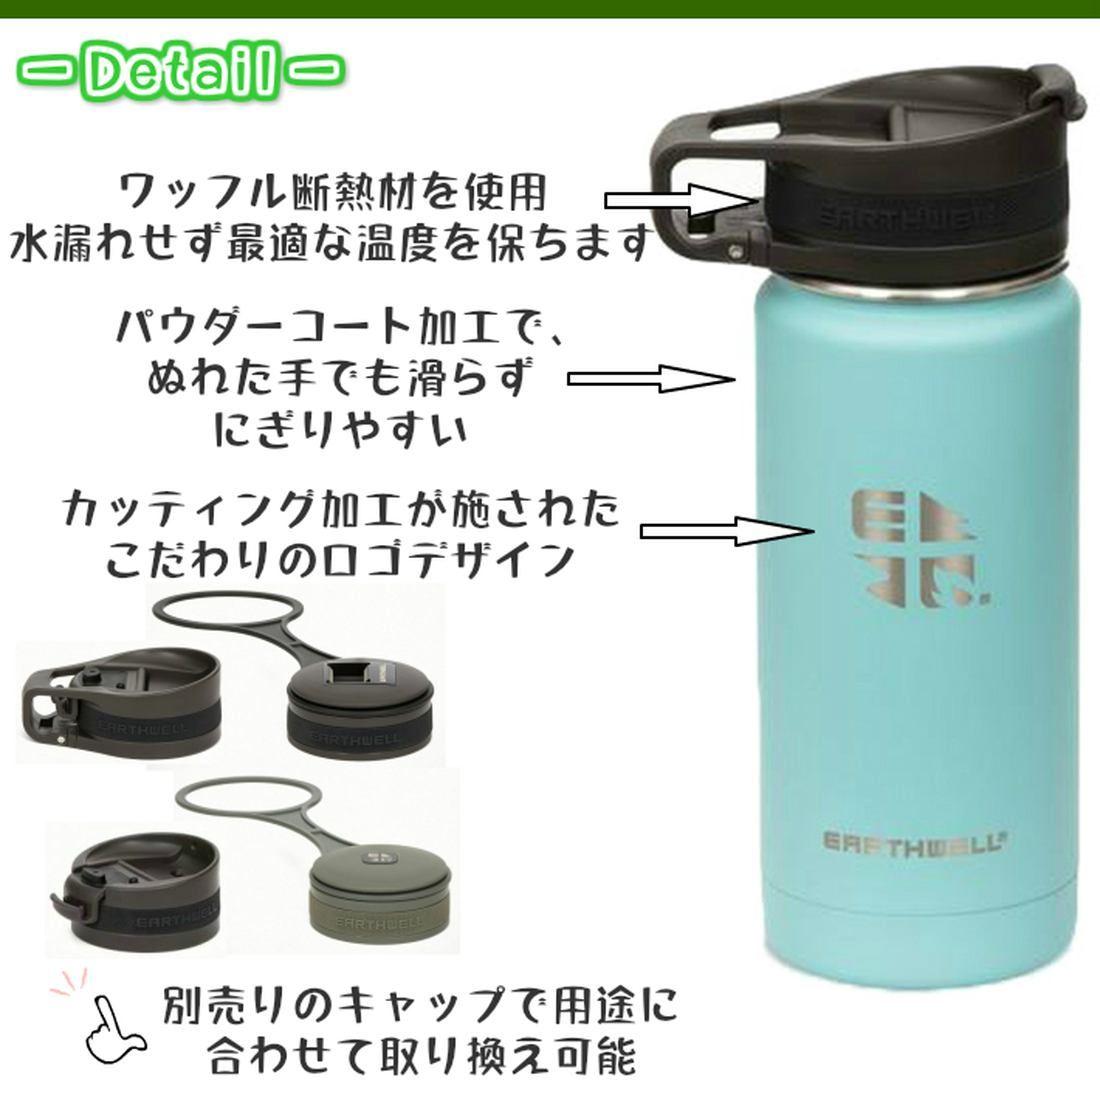 アースウェル ロースターボトル ループキャップ 20oz 保温 ボトルキャップ 水筒 バキュームボトル  正規品